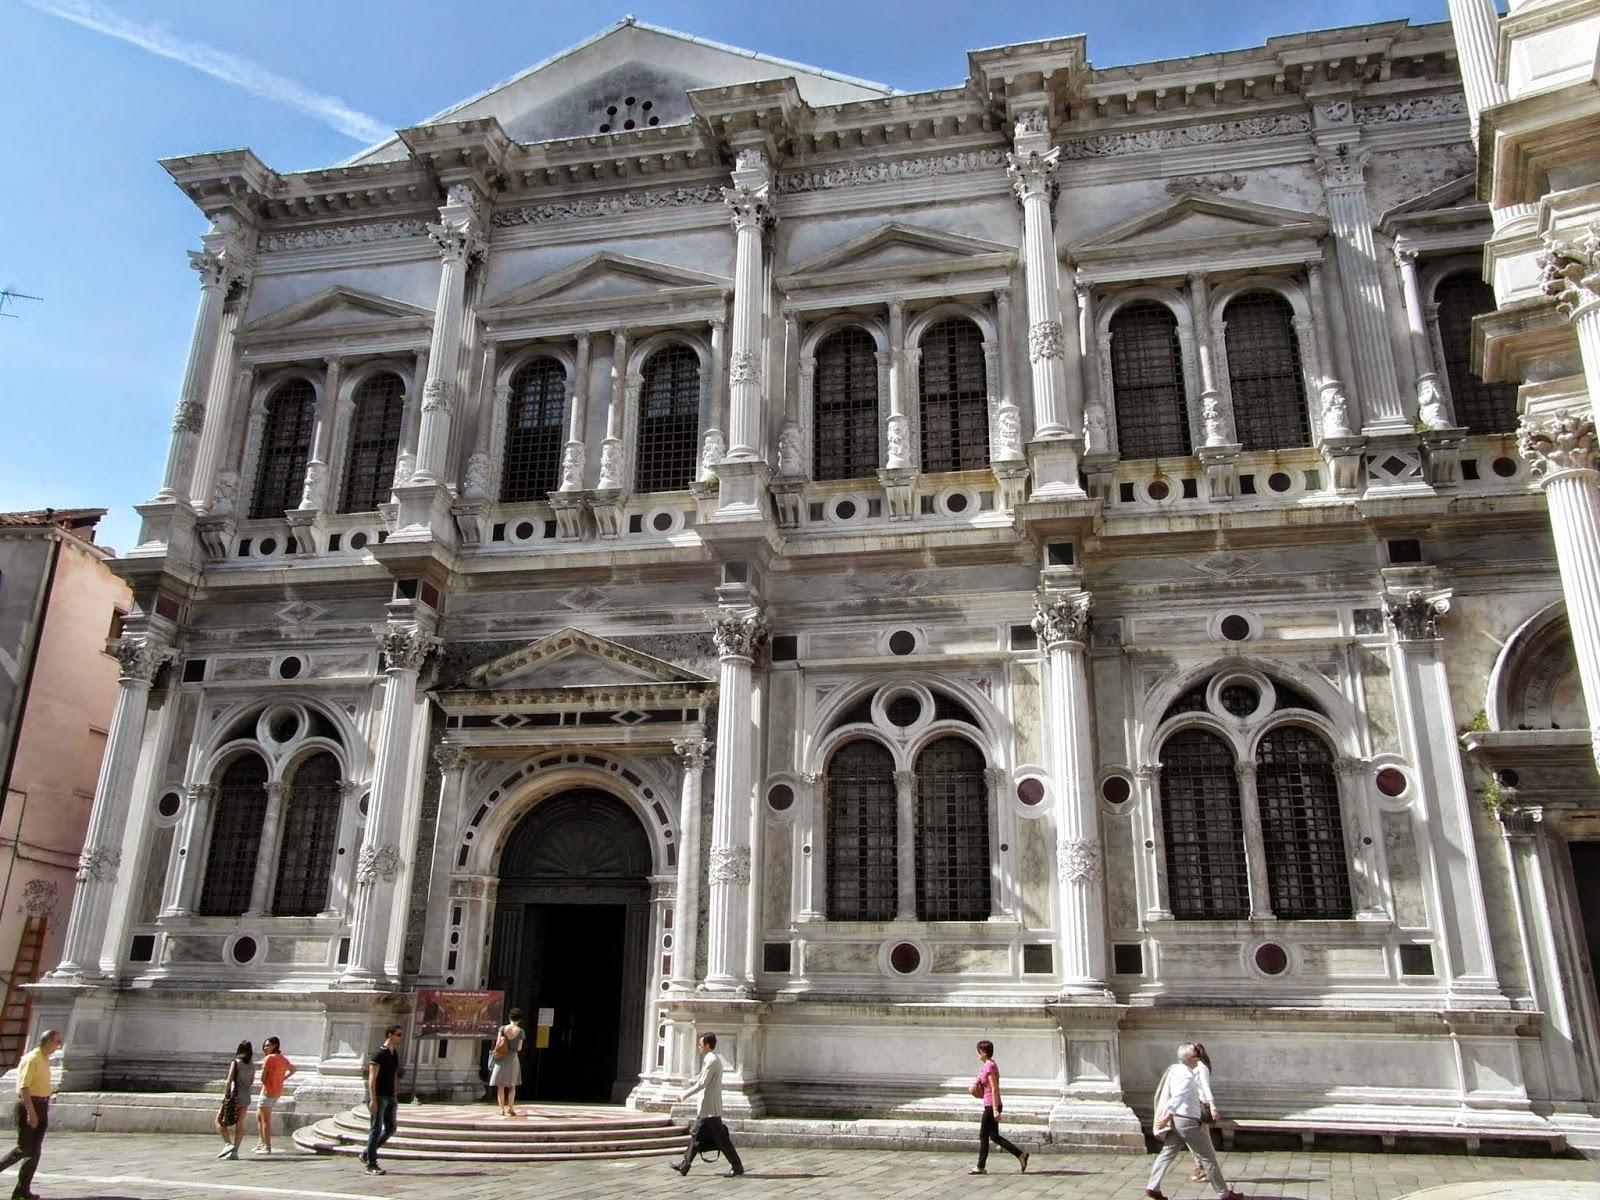 The Scuola Grande di San Rocco in Venice.